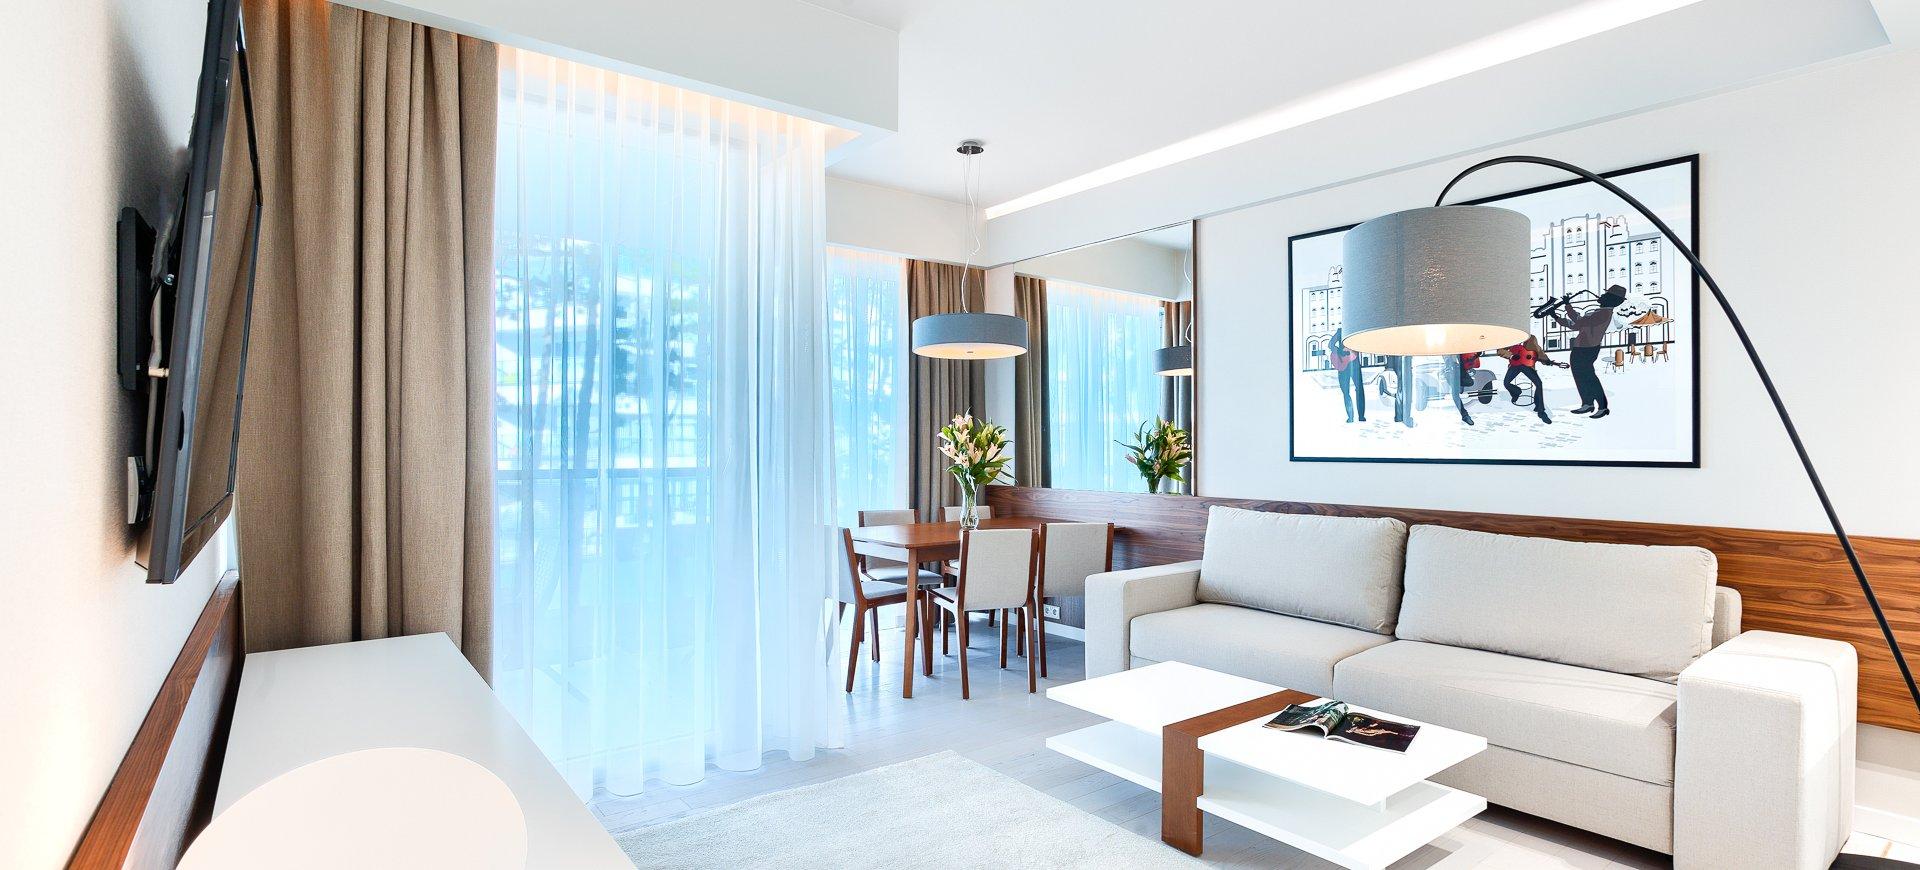 Apartament Deluxe z 1 sypialnią 2.19 B z bocznym widokiem na morze